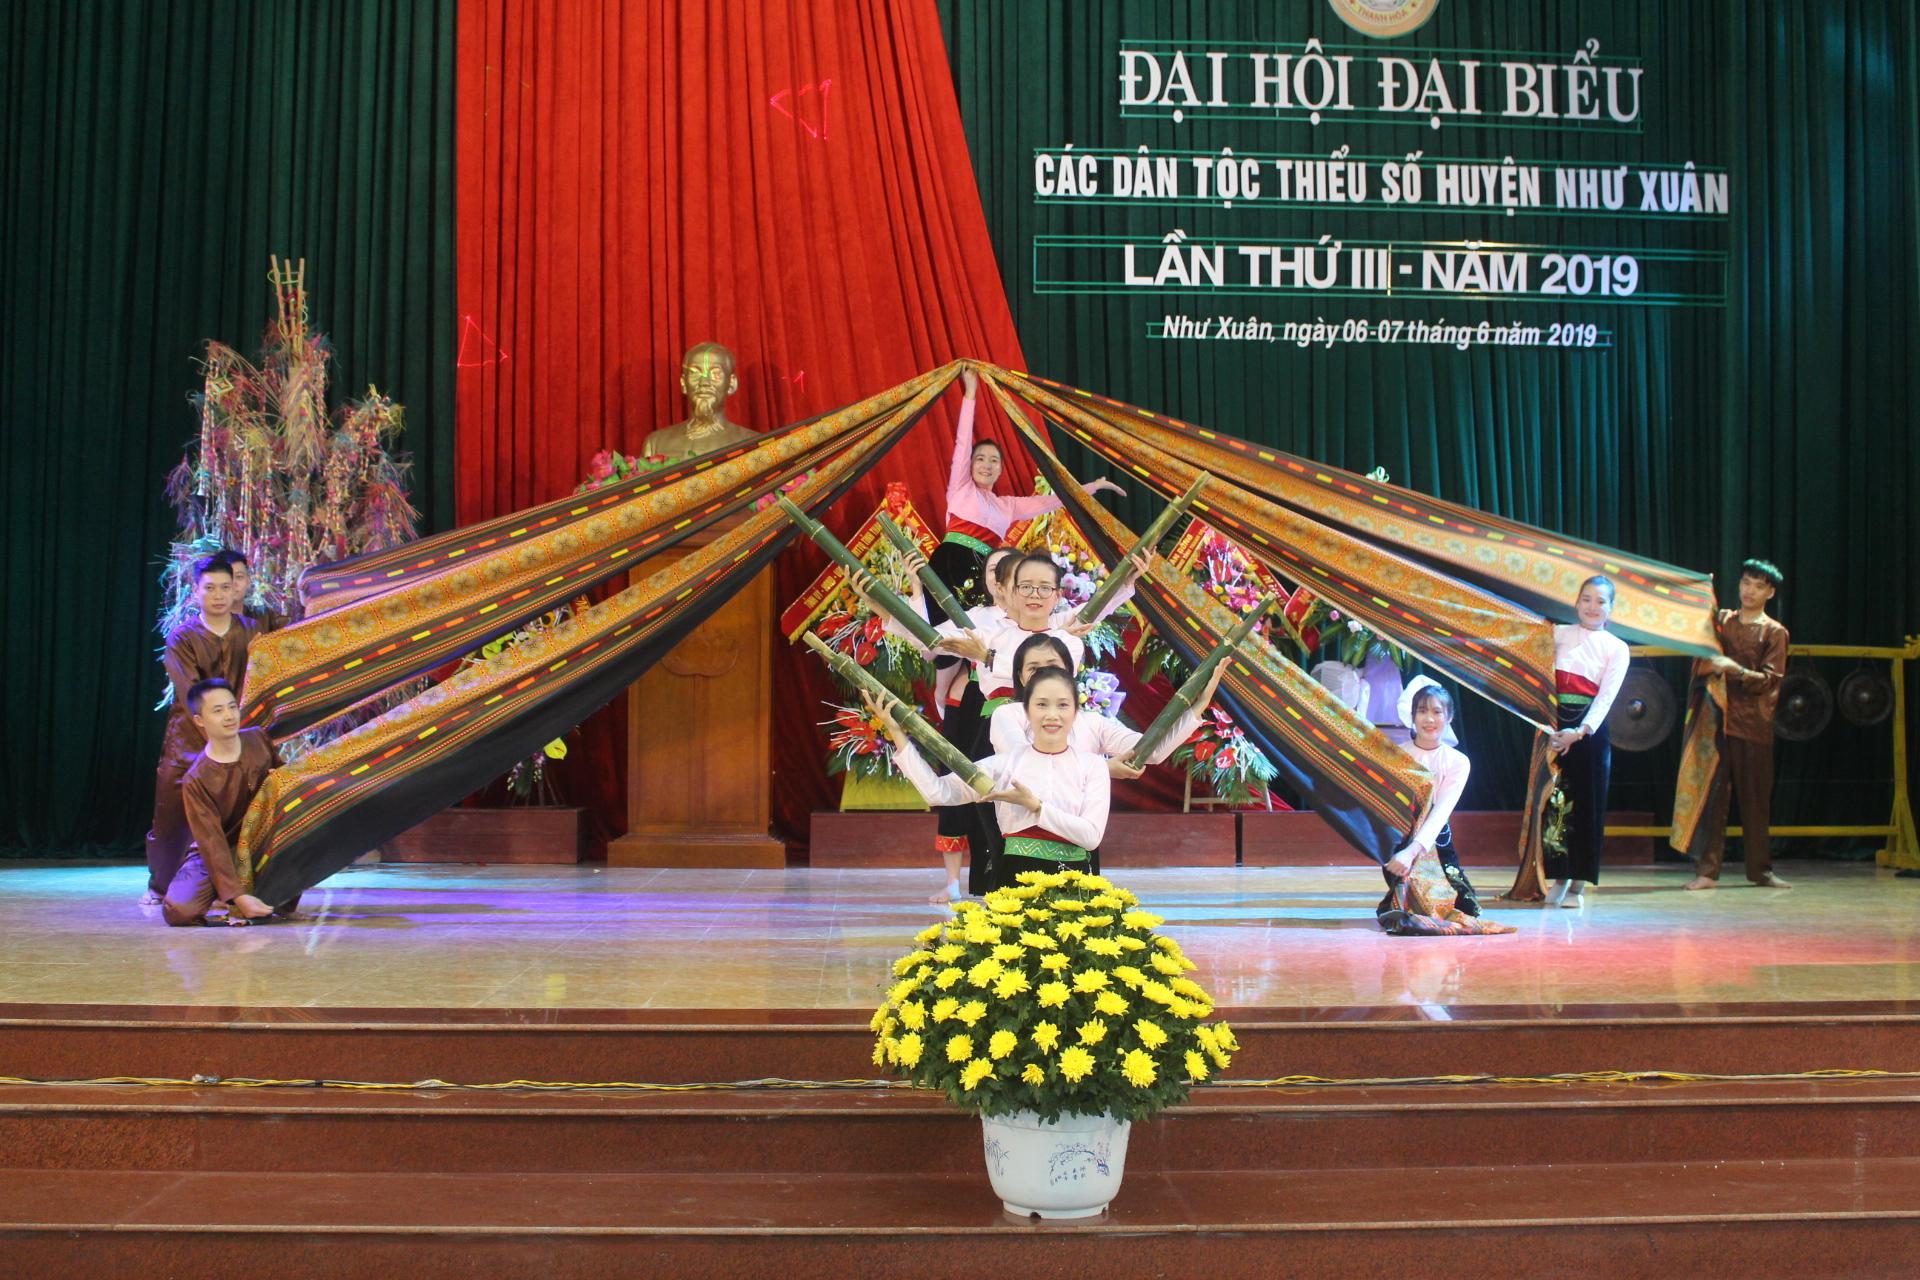 Các tiết mục chào mừng Đại hội đại biểu các DTTS huyện Như Xuân, tỉnh Thanh Hóa lần thứ III năm 2019.